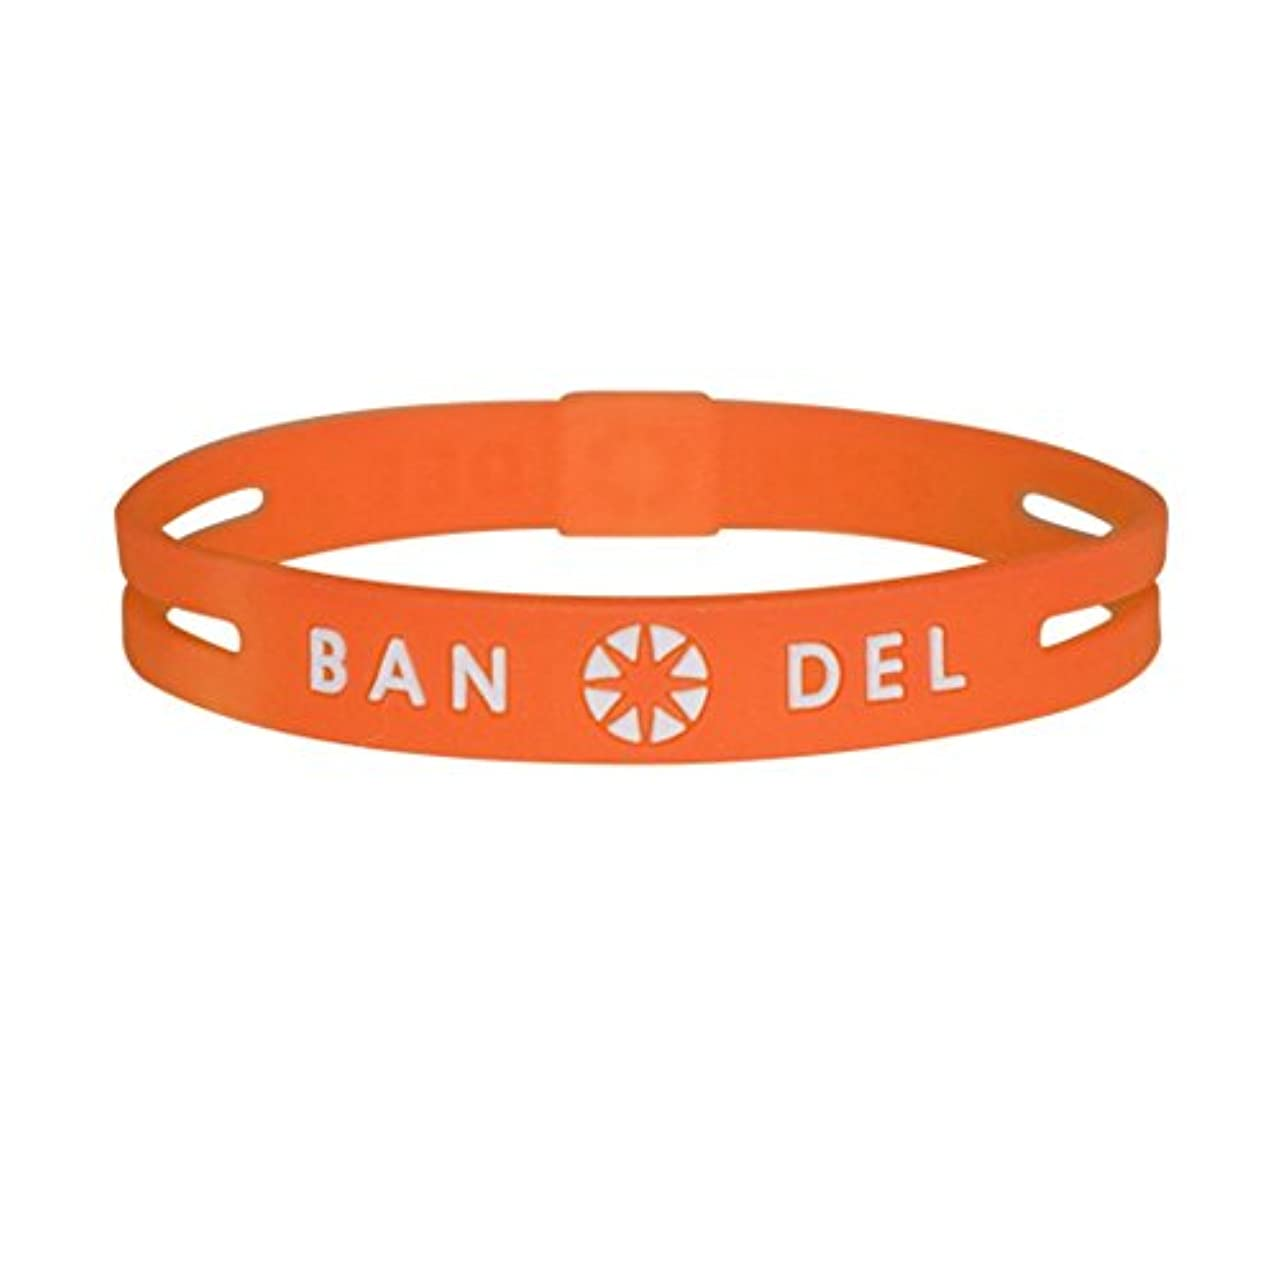 ロイヤリティ妨げるバッジ[バンデル?BANDEL]ストリング ブレスレット 正規品 (オレンジ×ホワイト)Sサイズ